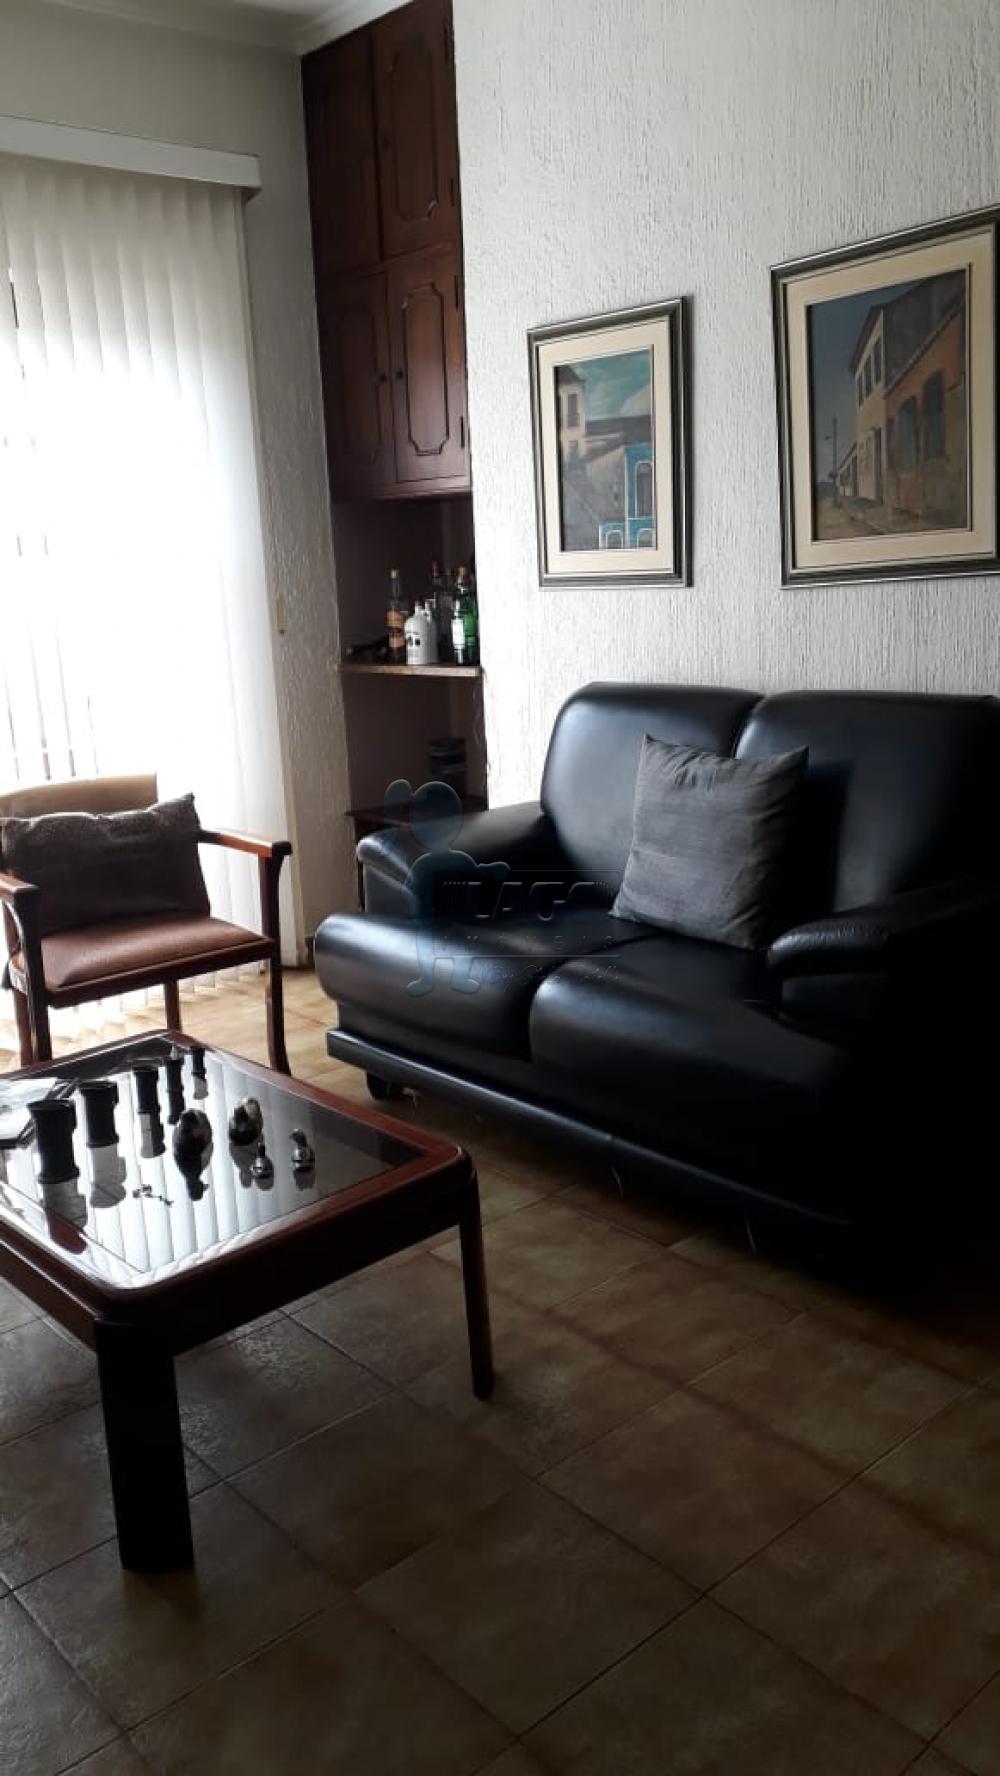 Comprar Casas / Terrea em Ribeirão Preto apenas R$ 550.000,00 - Foto 5